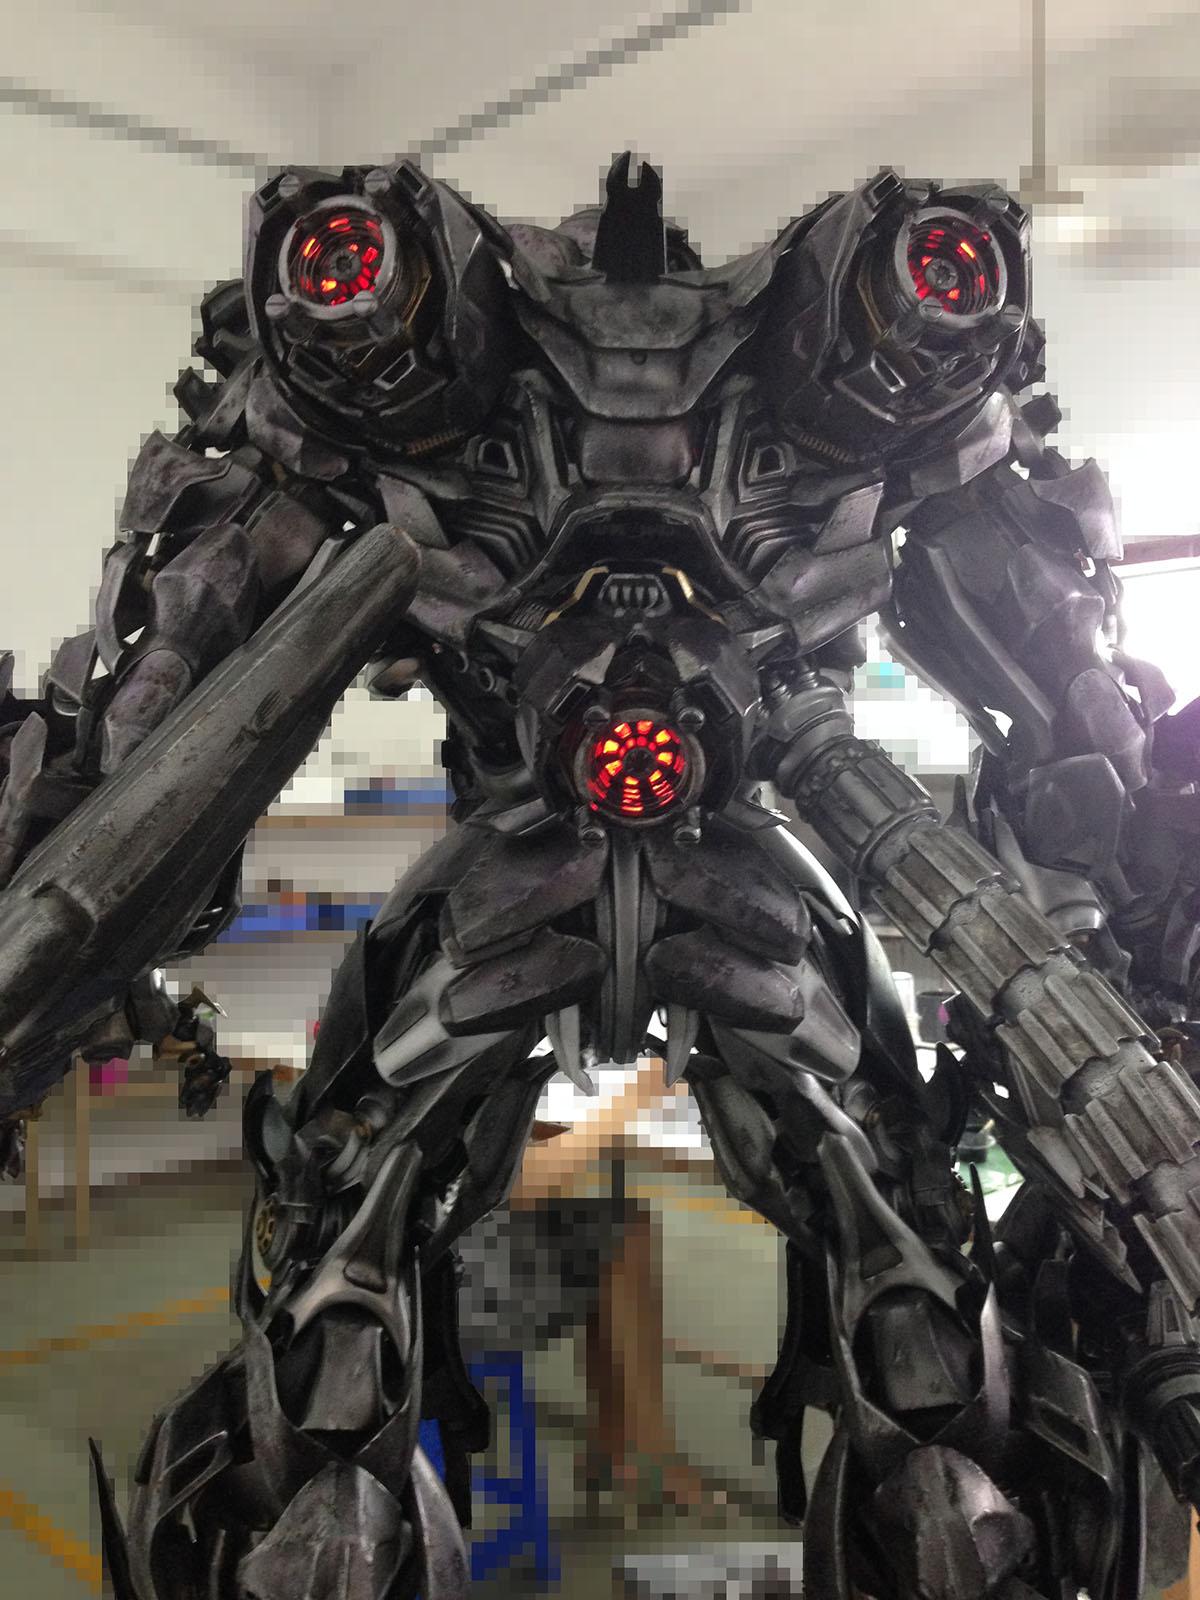 Statues des Films Transformers (articulé, non transformable) ― Par Prime1Studio, M3 Studio, Concept Zone, Super Fans Group, Soap Studio, Soldier Story Toys, etc - Page 3 531145244